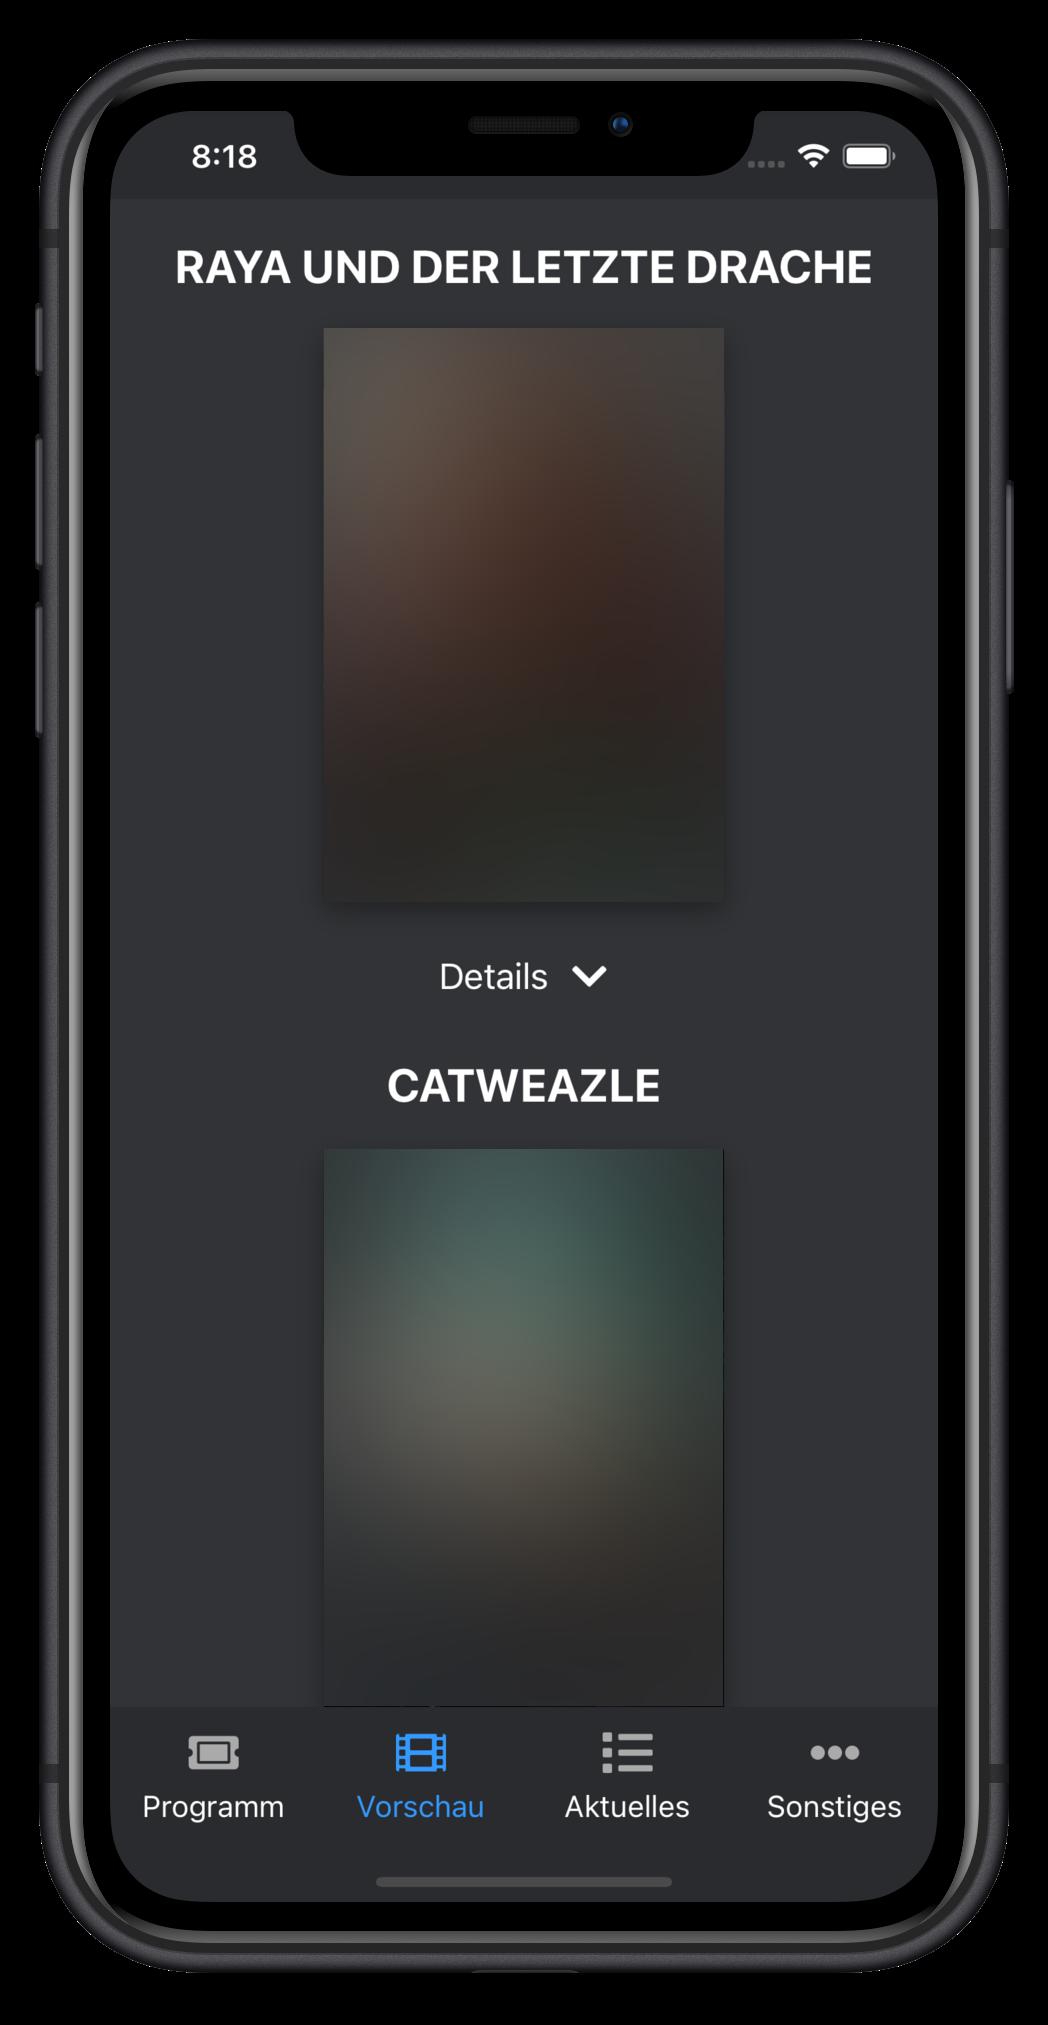 kinolahnstein-app-preview-1-dark_iphonexrspacegrey_portrait_blurred